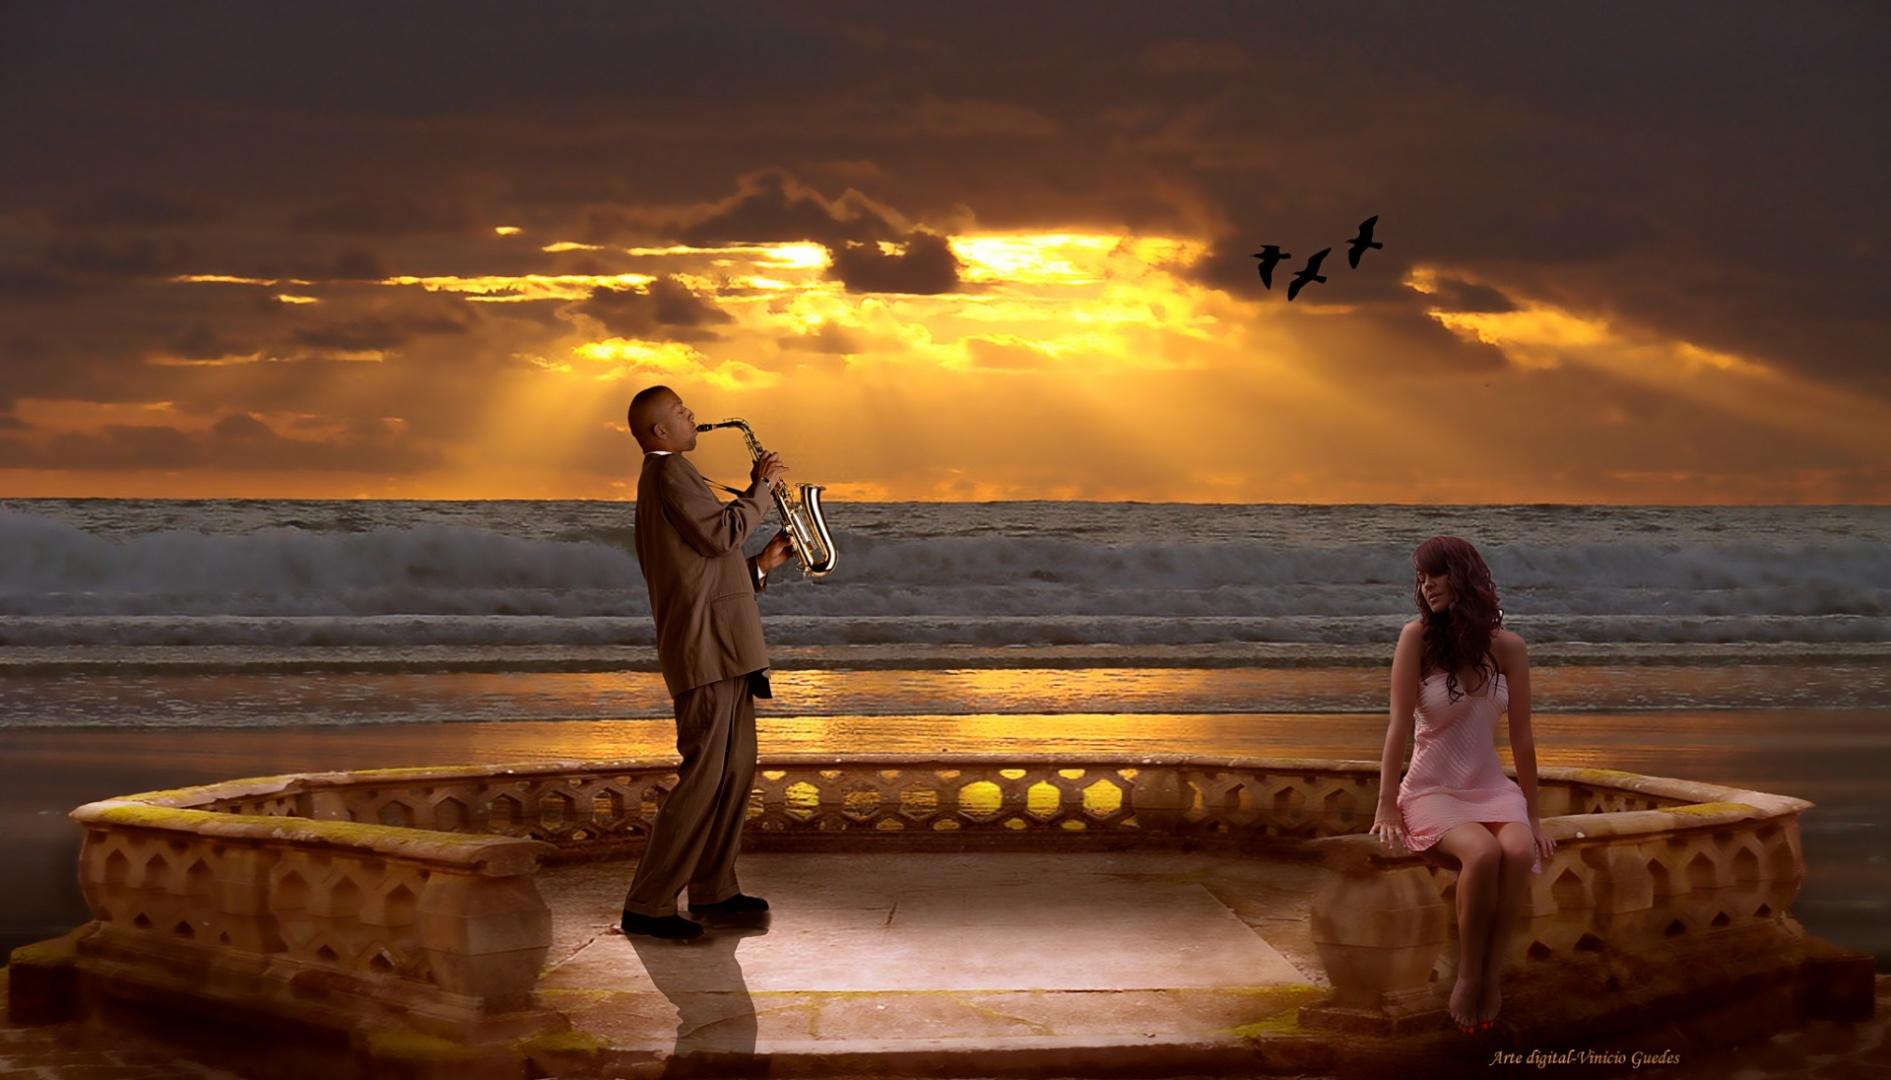 Arte Digital/Serenata ao pôr do sol.